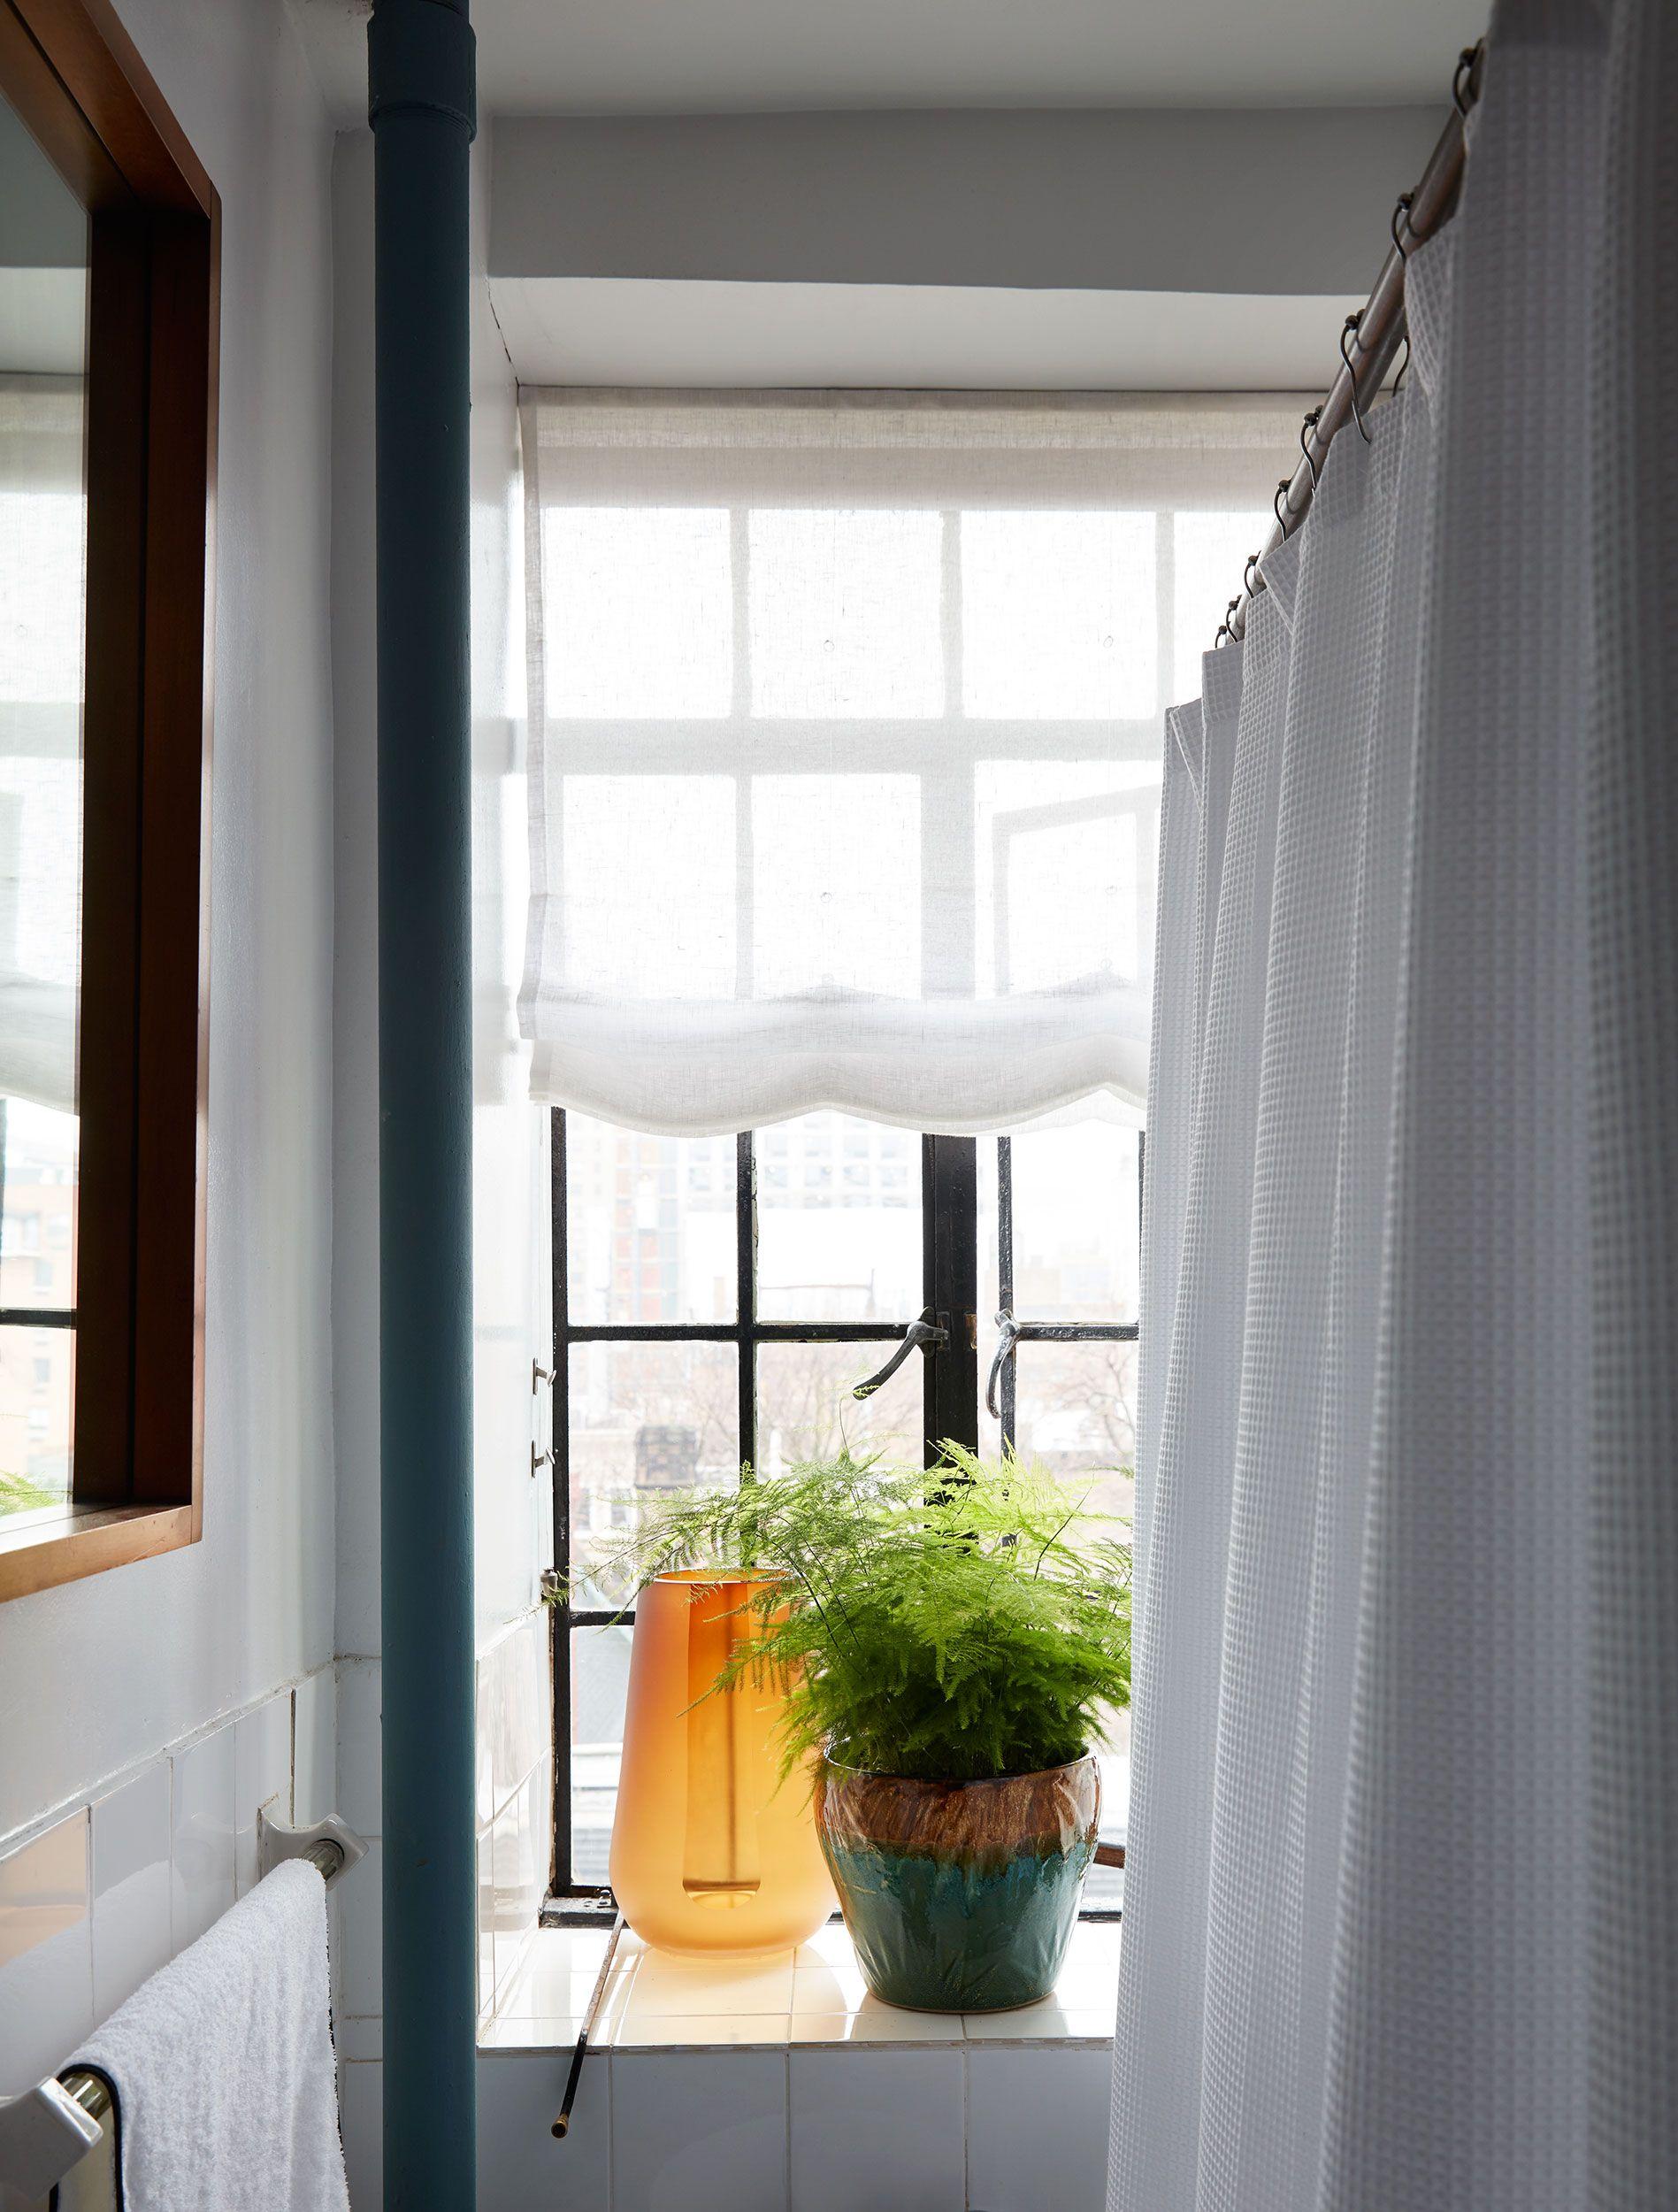 85 small bathroom decor ideas how to